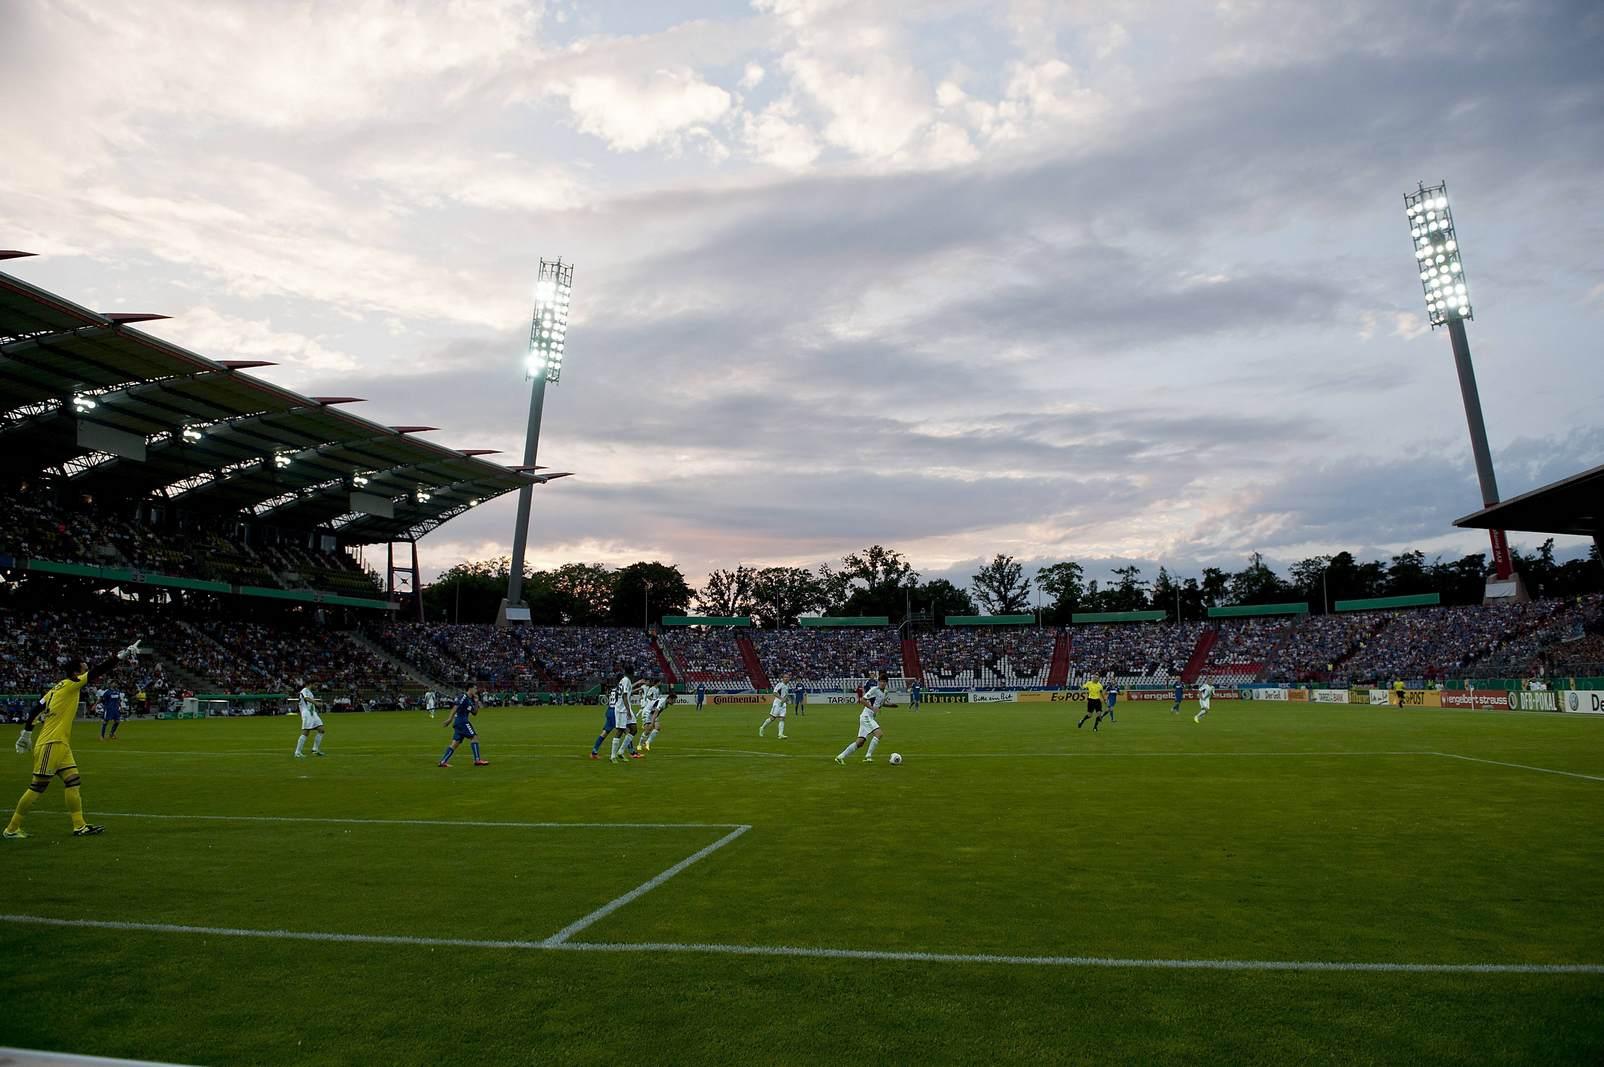 Das Karlsruher Wildpark Stadion